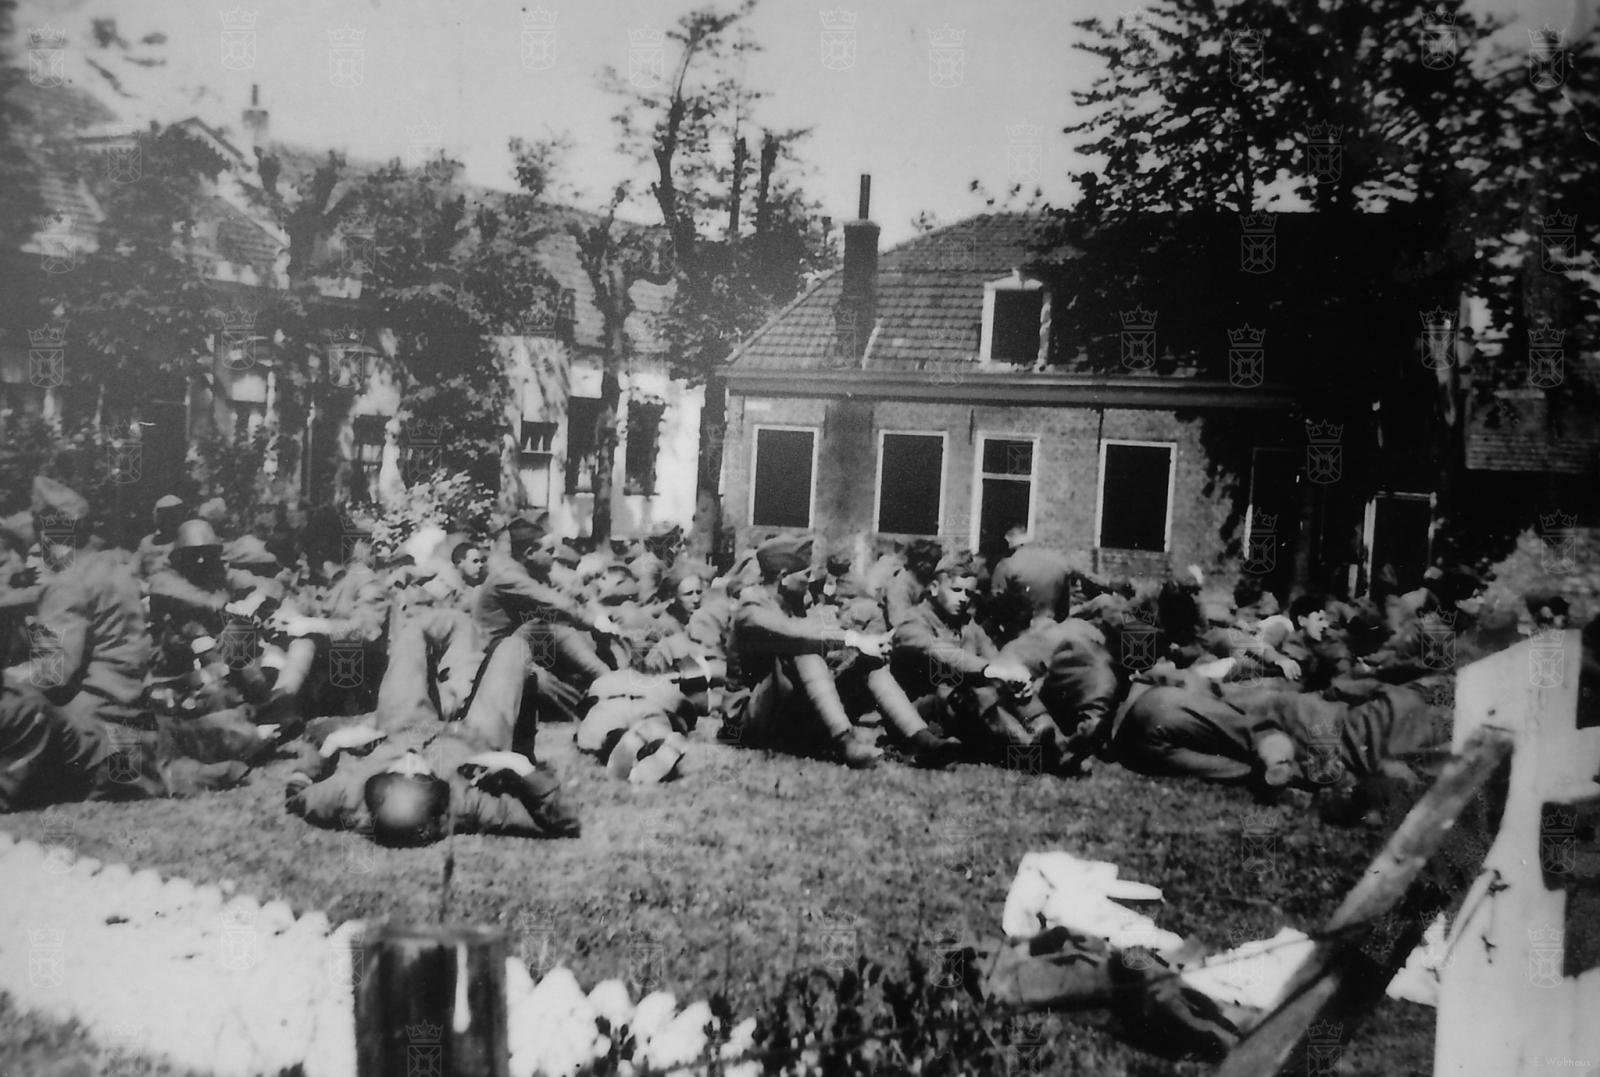 Nederlandse gevangenen op het grasveld naast de NH kerk.